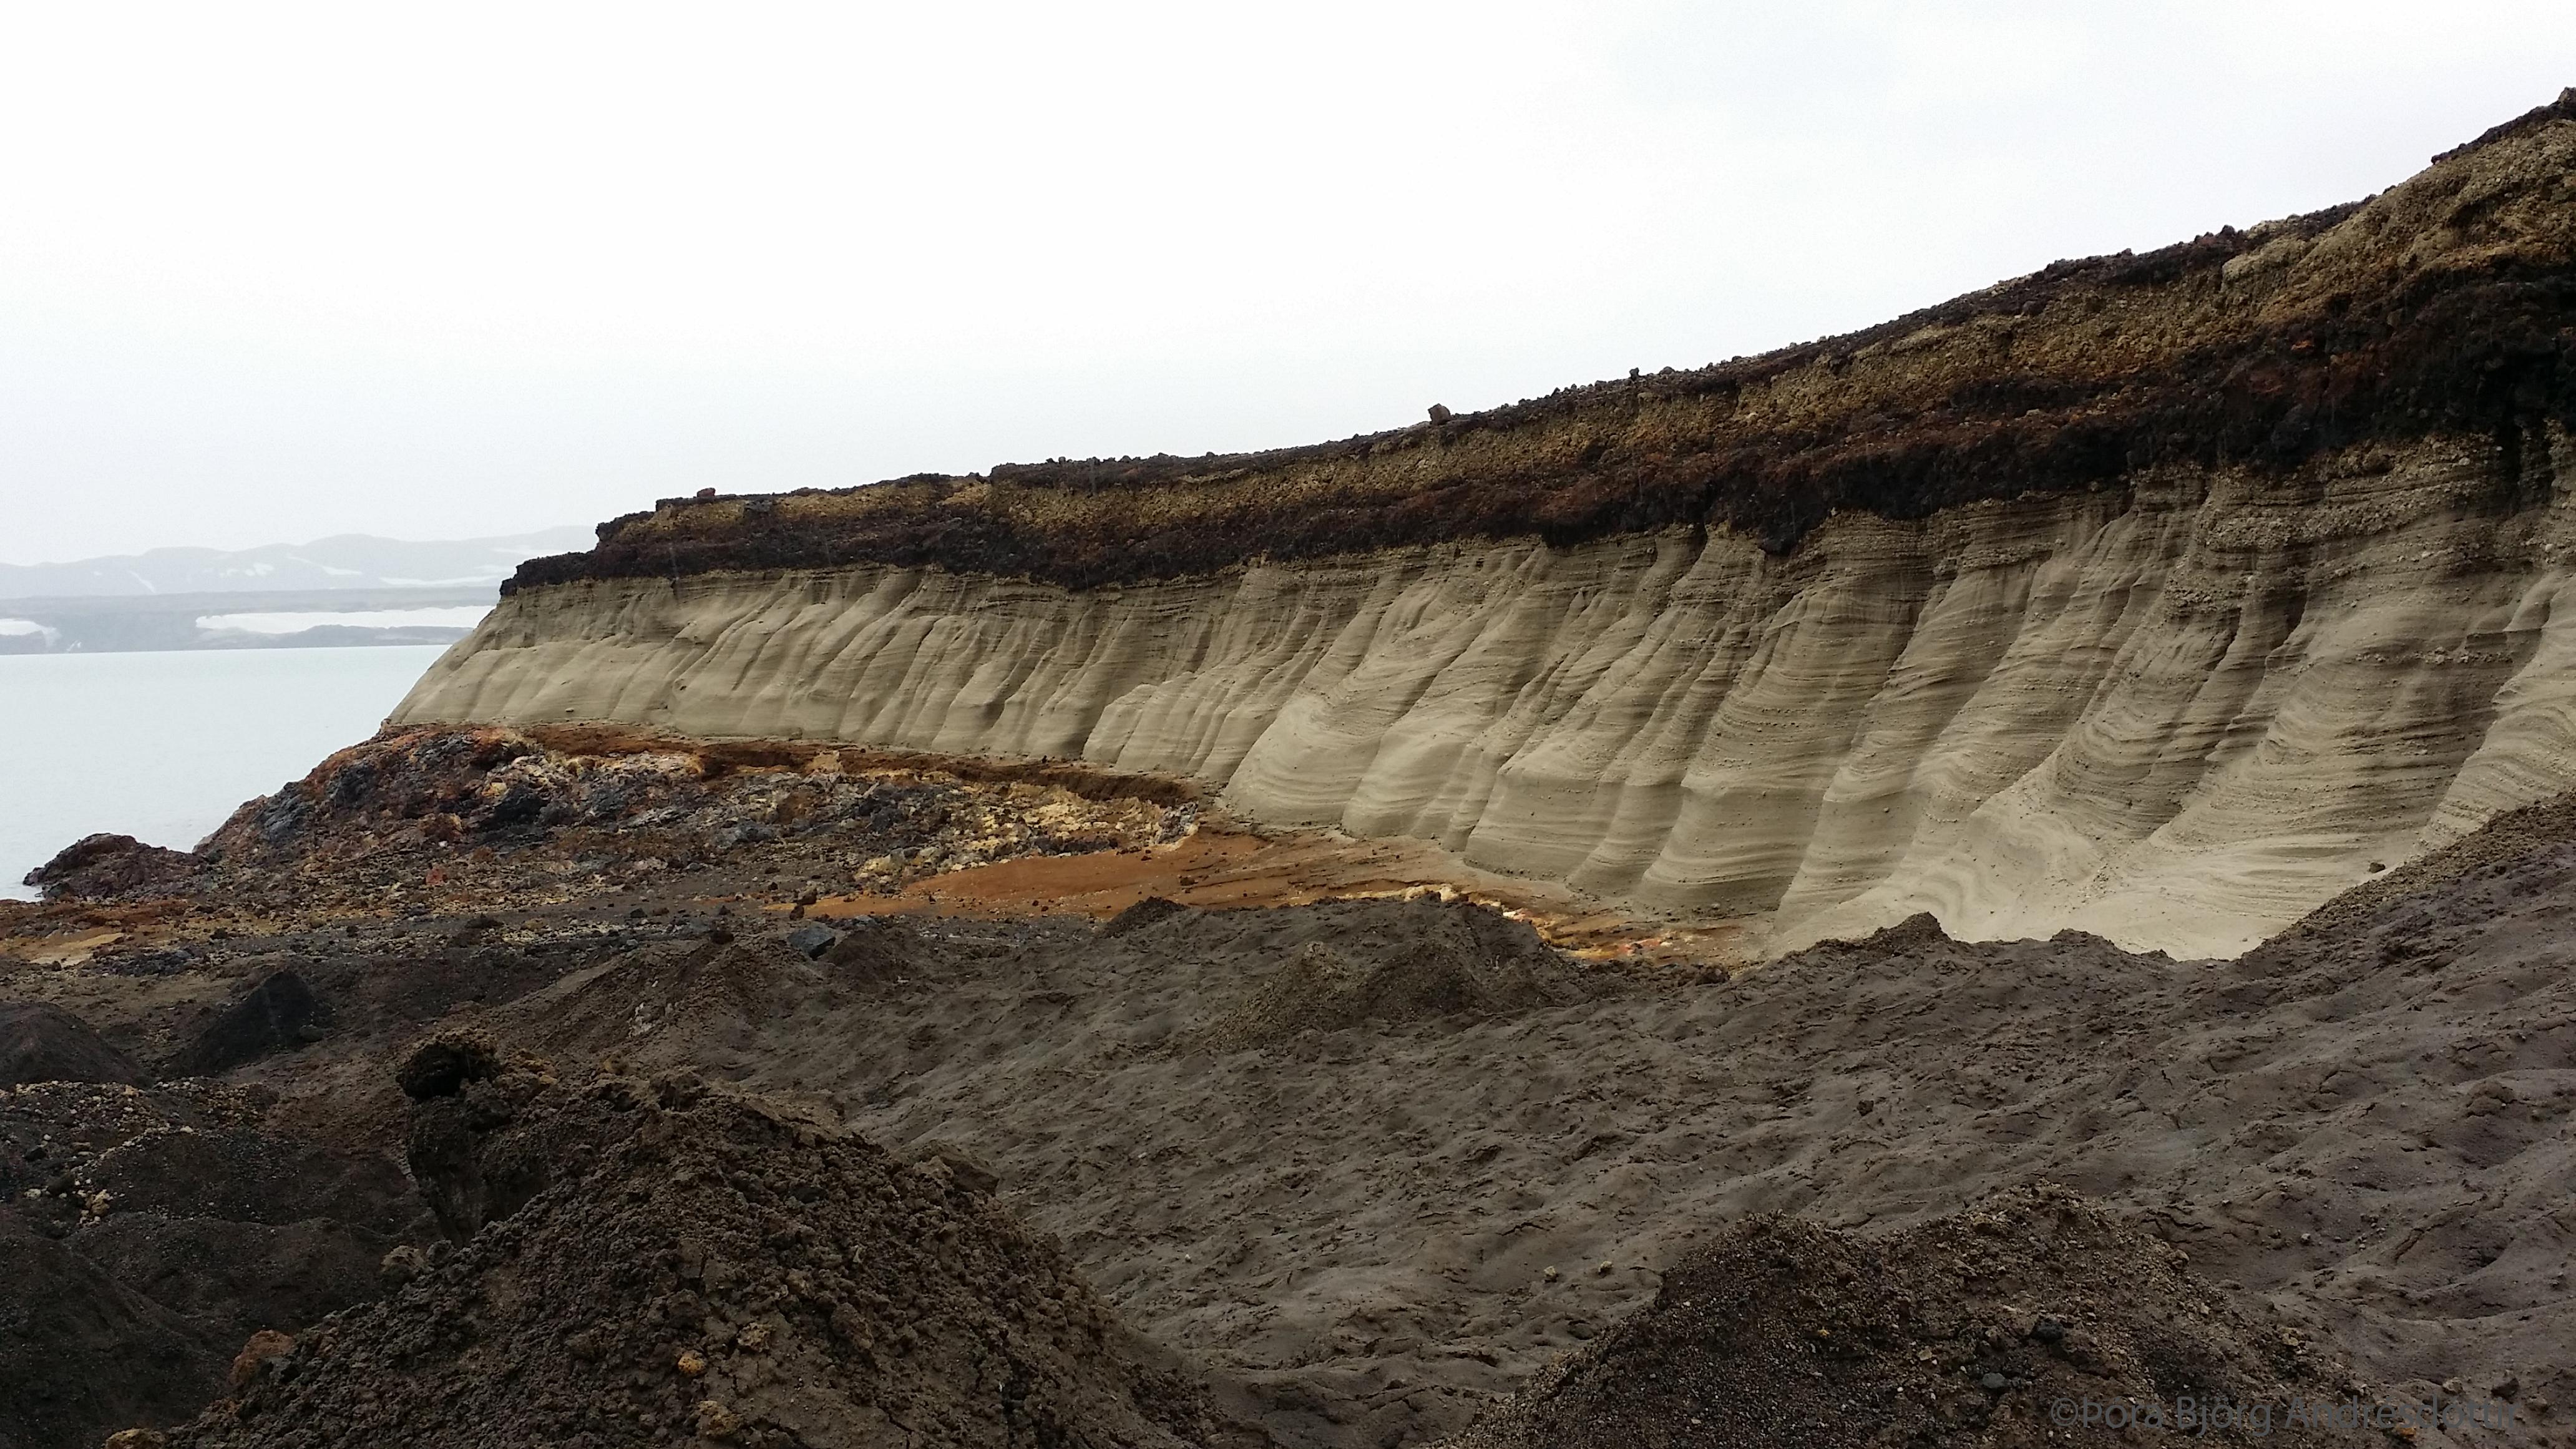 Jarðlagaopna eftir flóðbylgjuna í Öskjuvatni í júlí 2014.